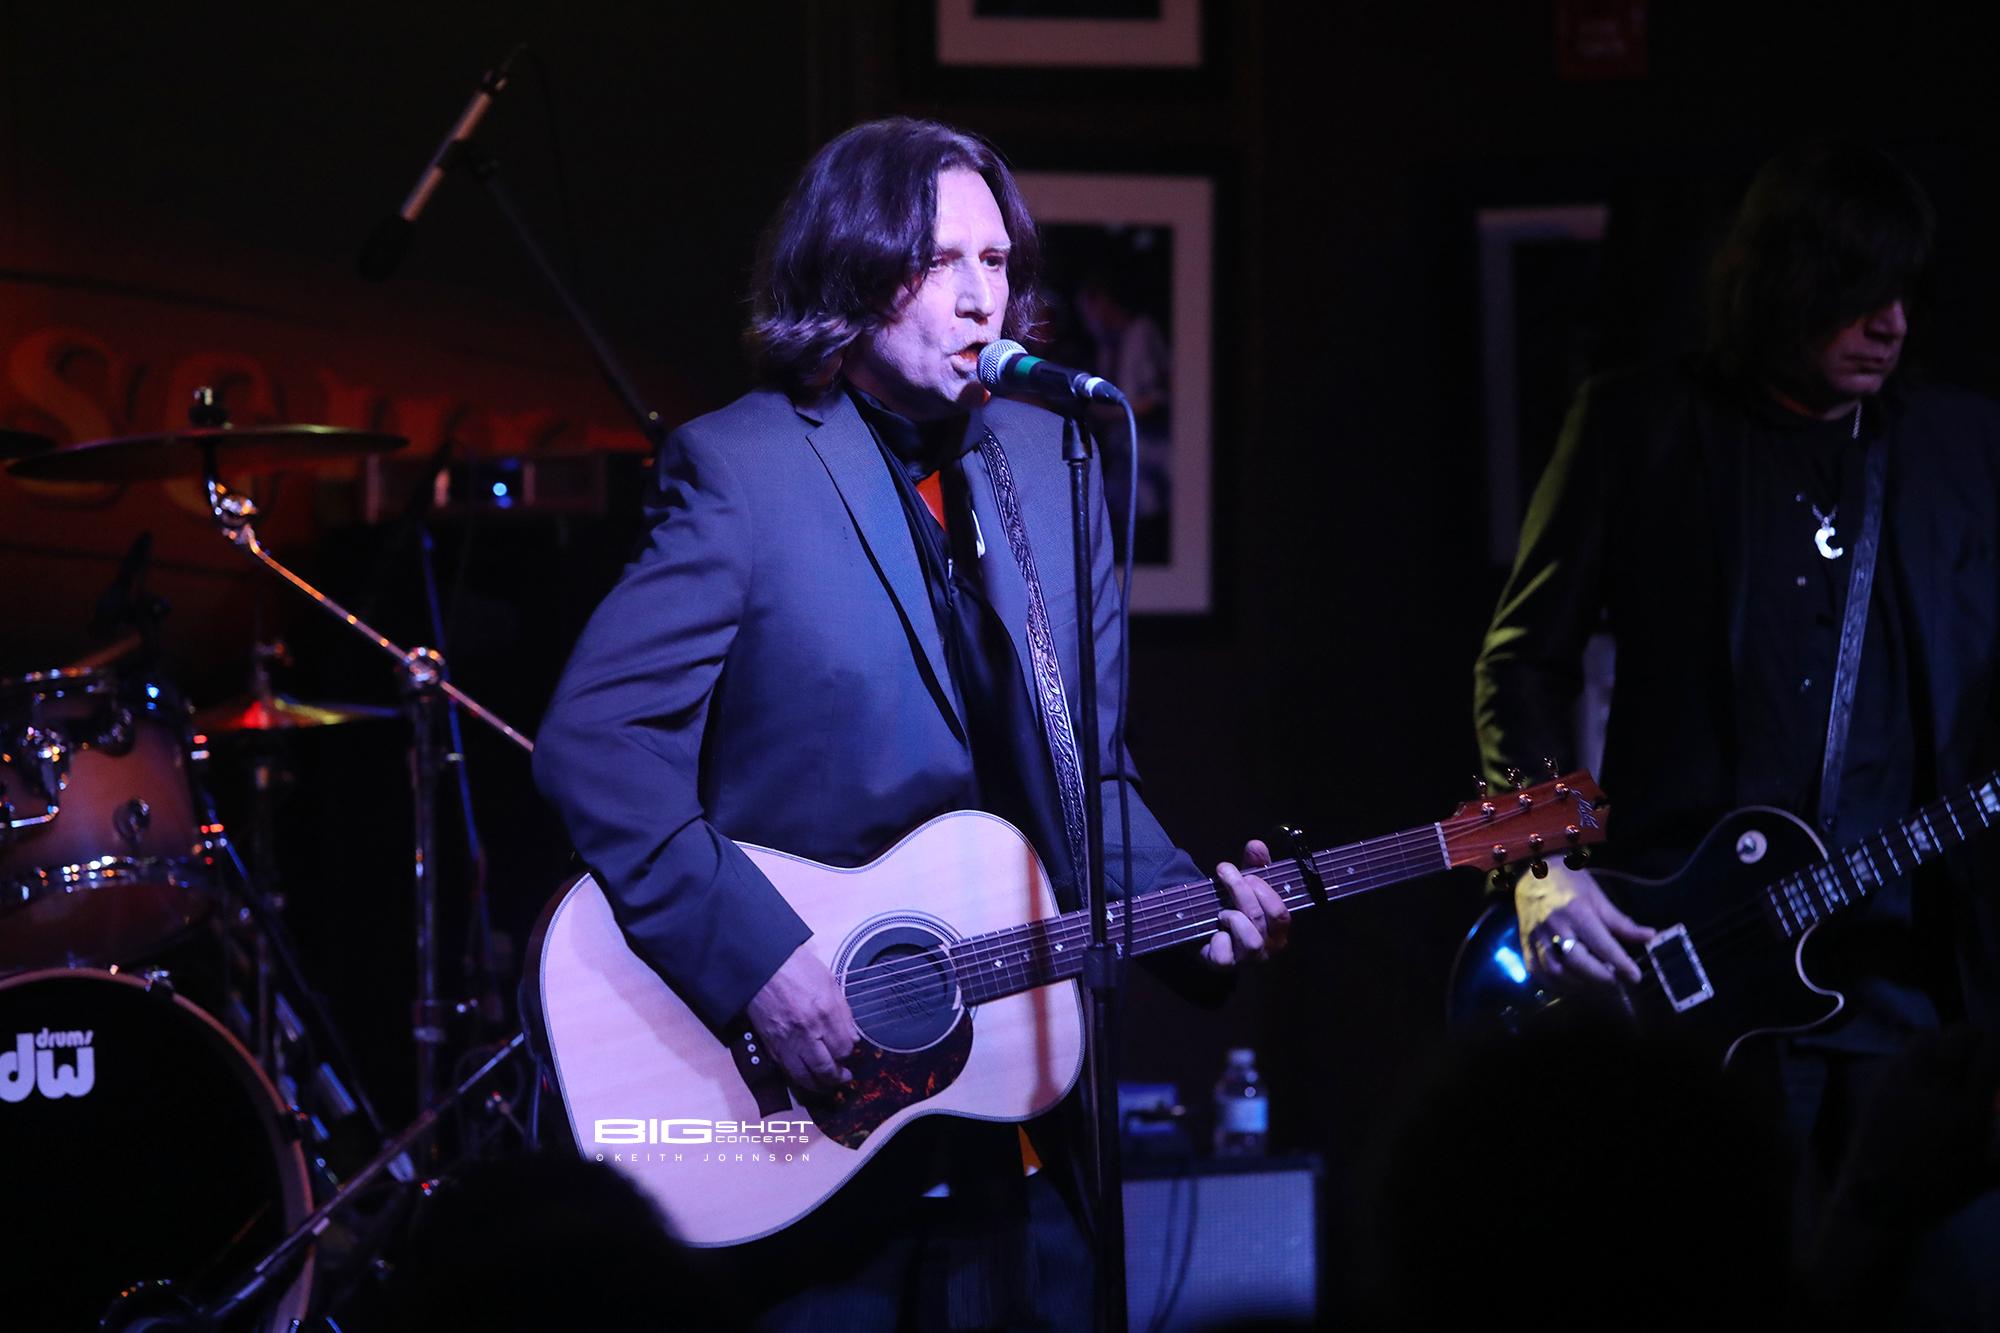 Singer/Songwriter John Waite